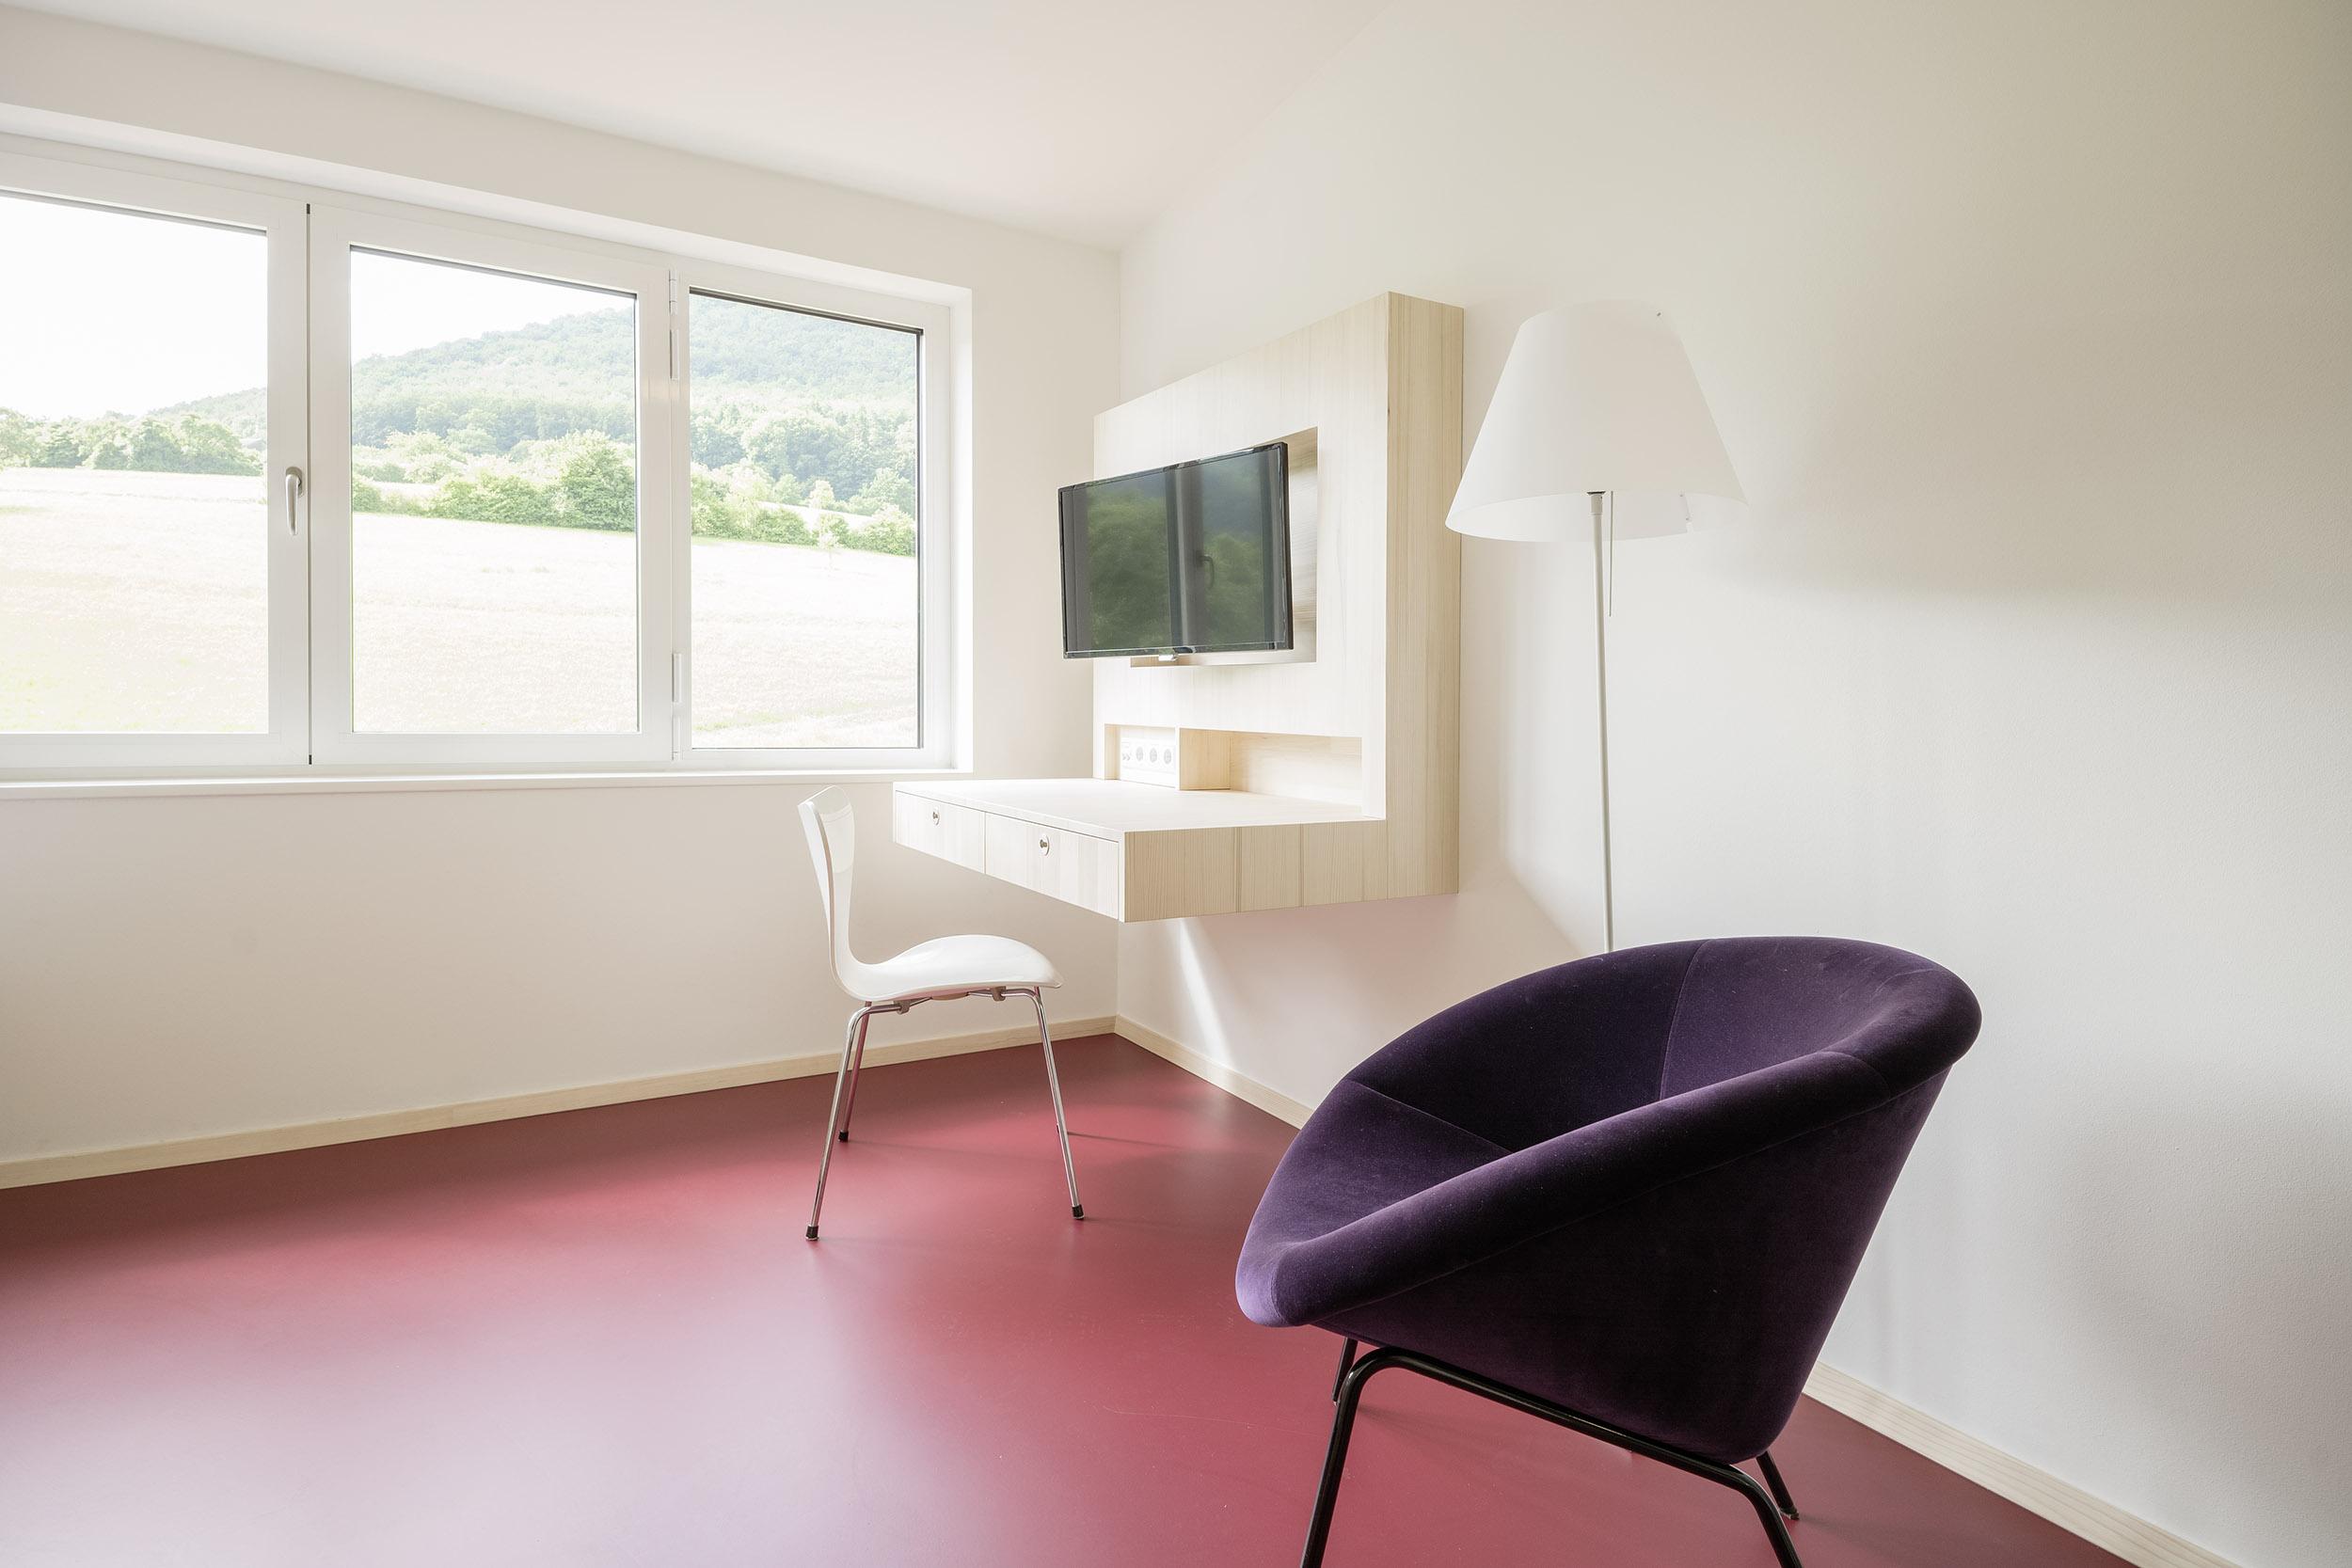 kaestle&ocker - Luise von Marillac Klinik